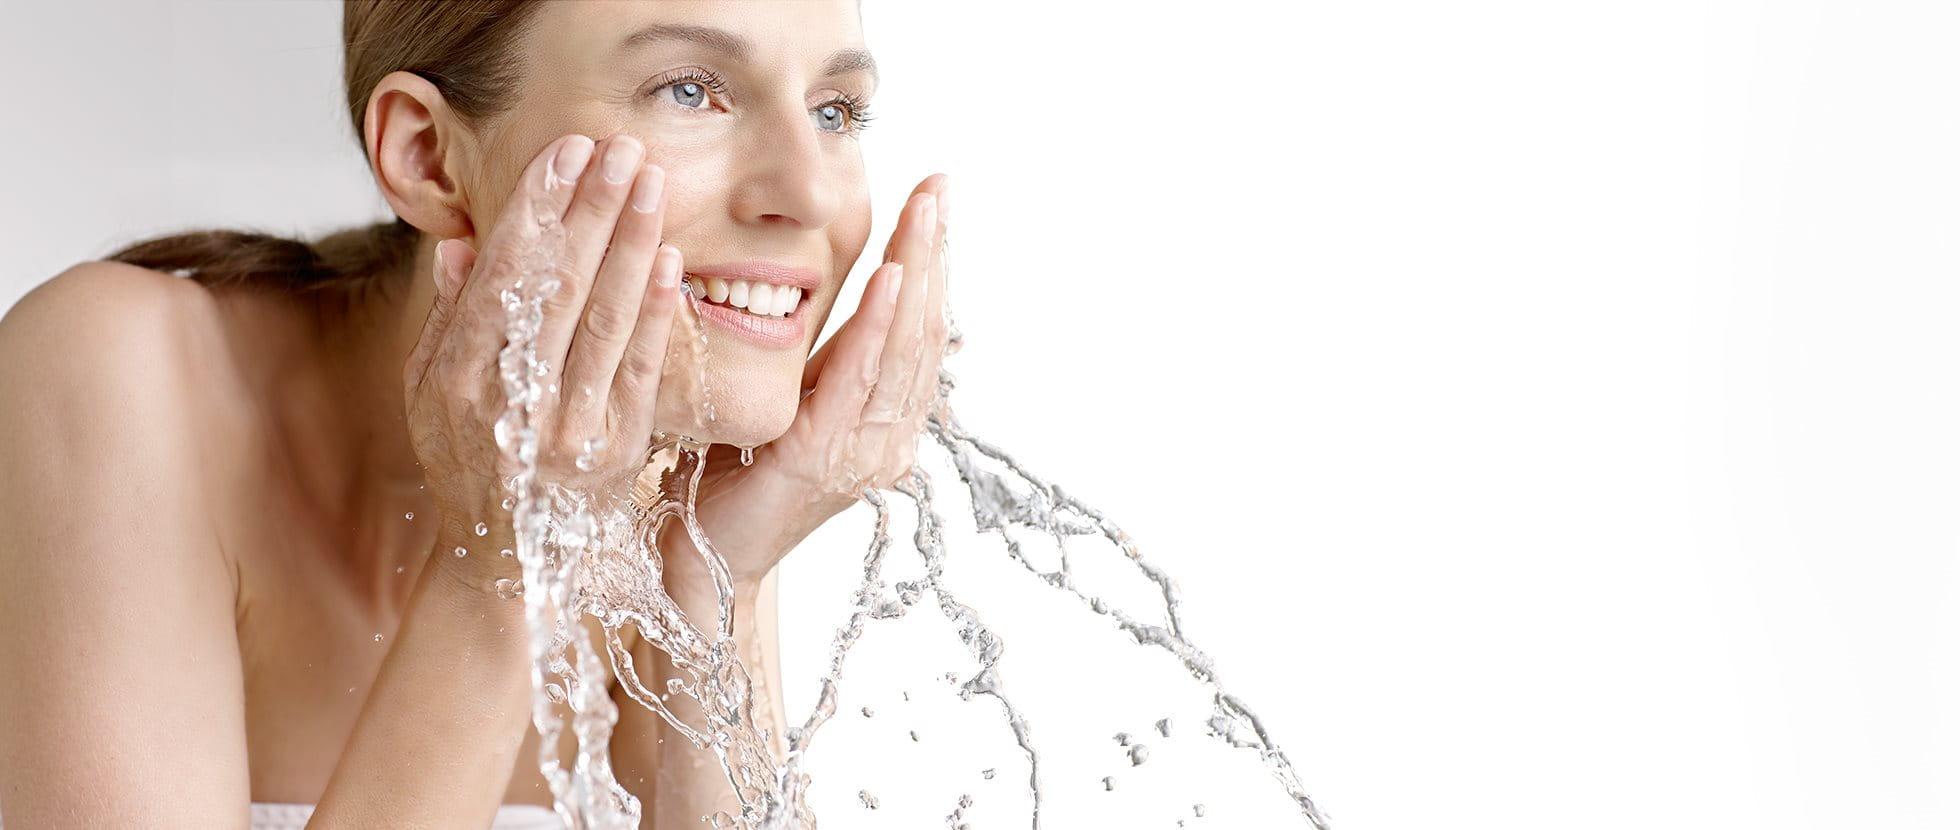 Frau wäscht ihr Gesicht